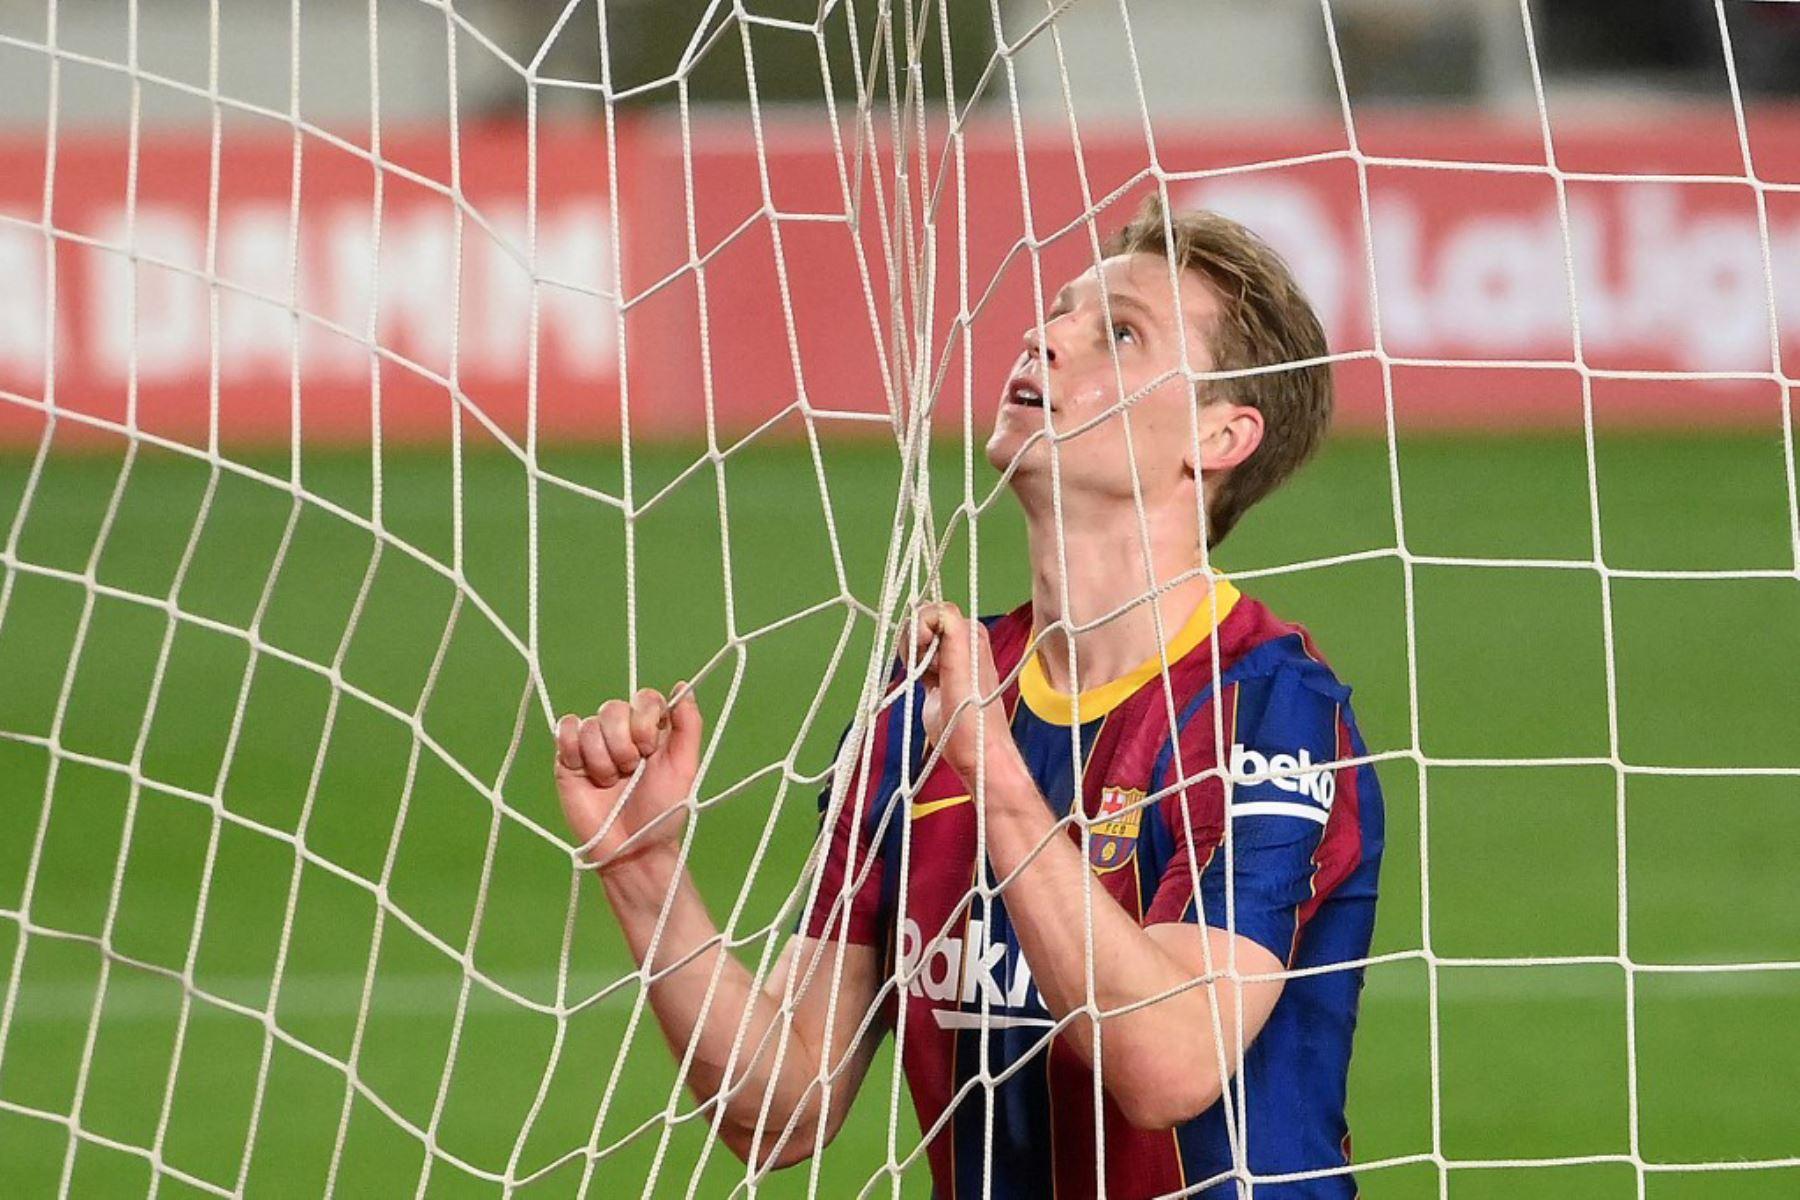 El centrocampista holandés del Barcelona, Frenkie De Jong, reacciona tras perder una oportunidad de gol durante el partido de fútbol de la liga española entre el FC Barcelona y el Elche CF en el estadio Camp Nou de Barcelona  Foto:AFP